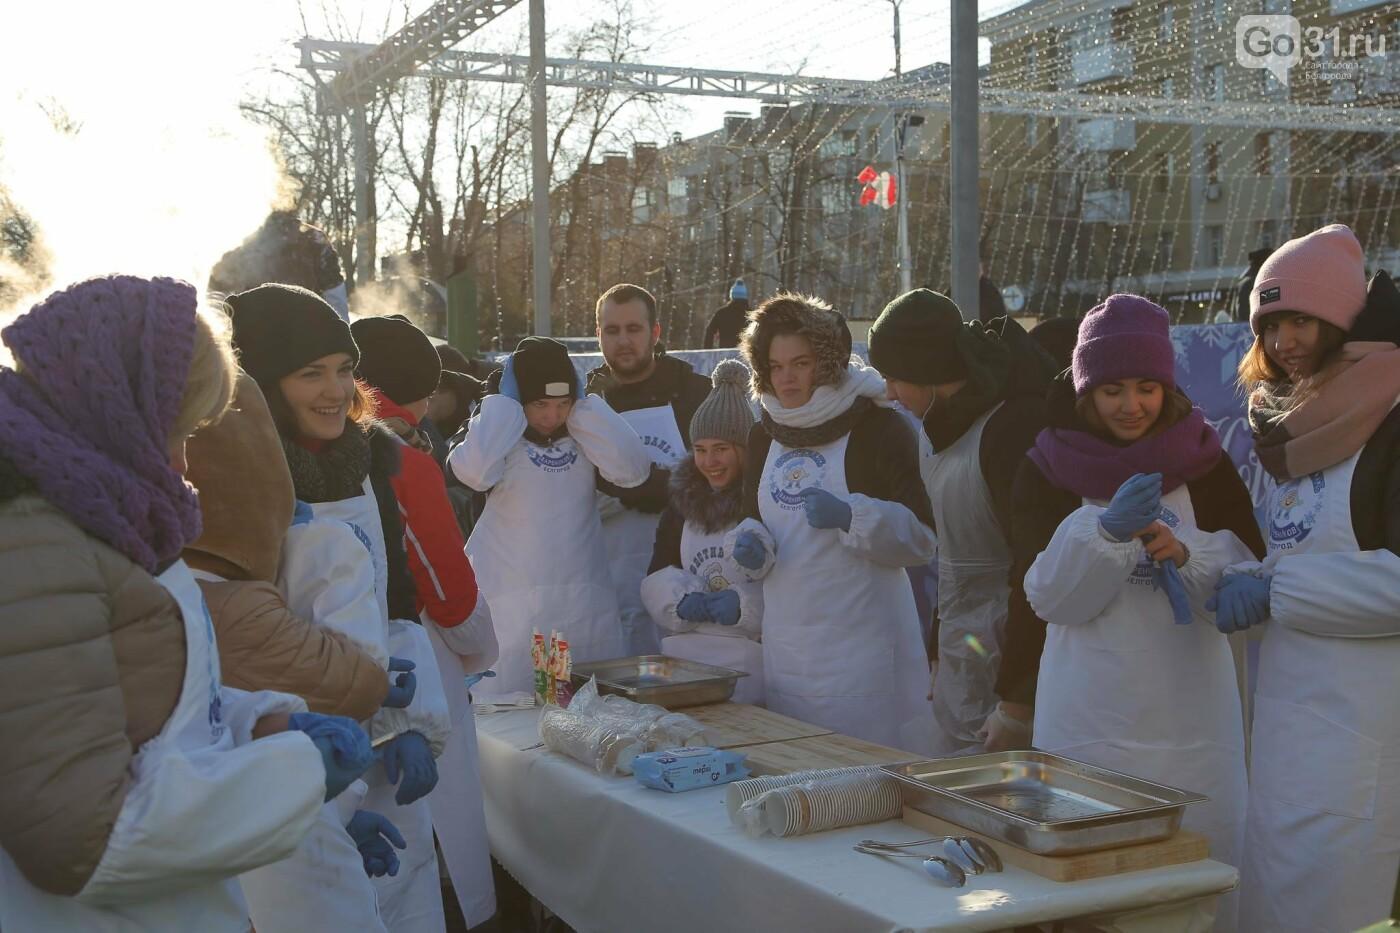 Дегустация, гастрономический парад, спецтроллейбус. В Белгороде прошёл фестиваль вареников, фото-21